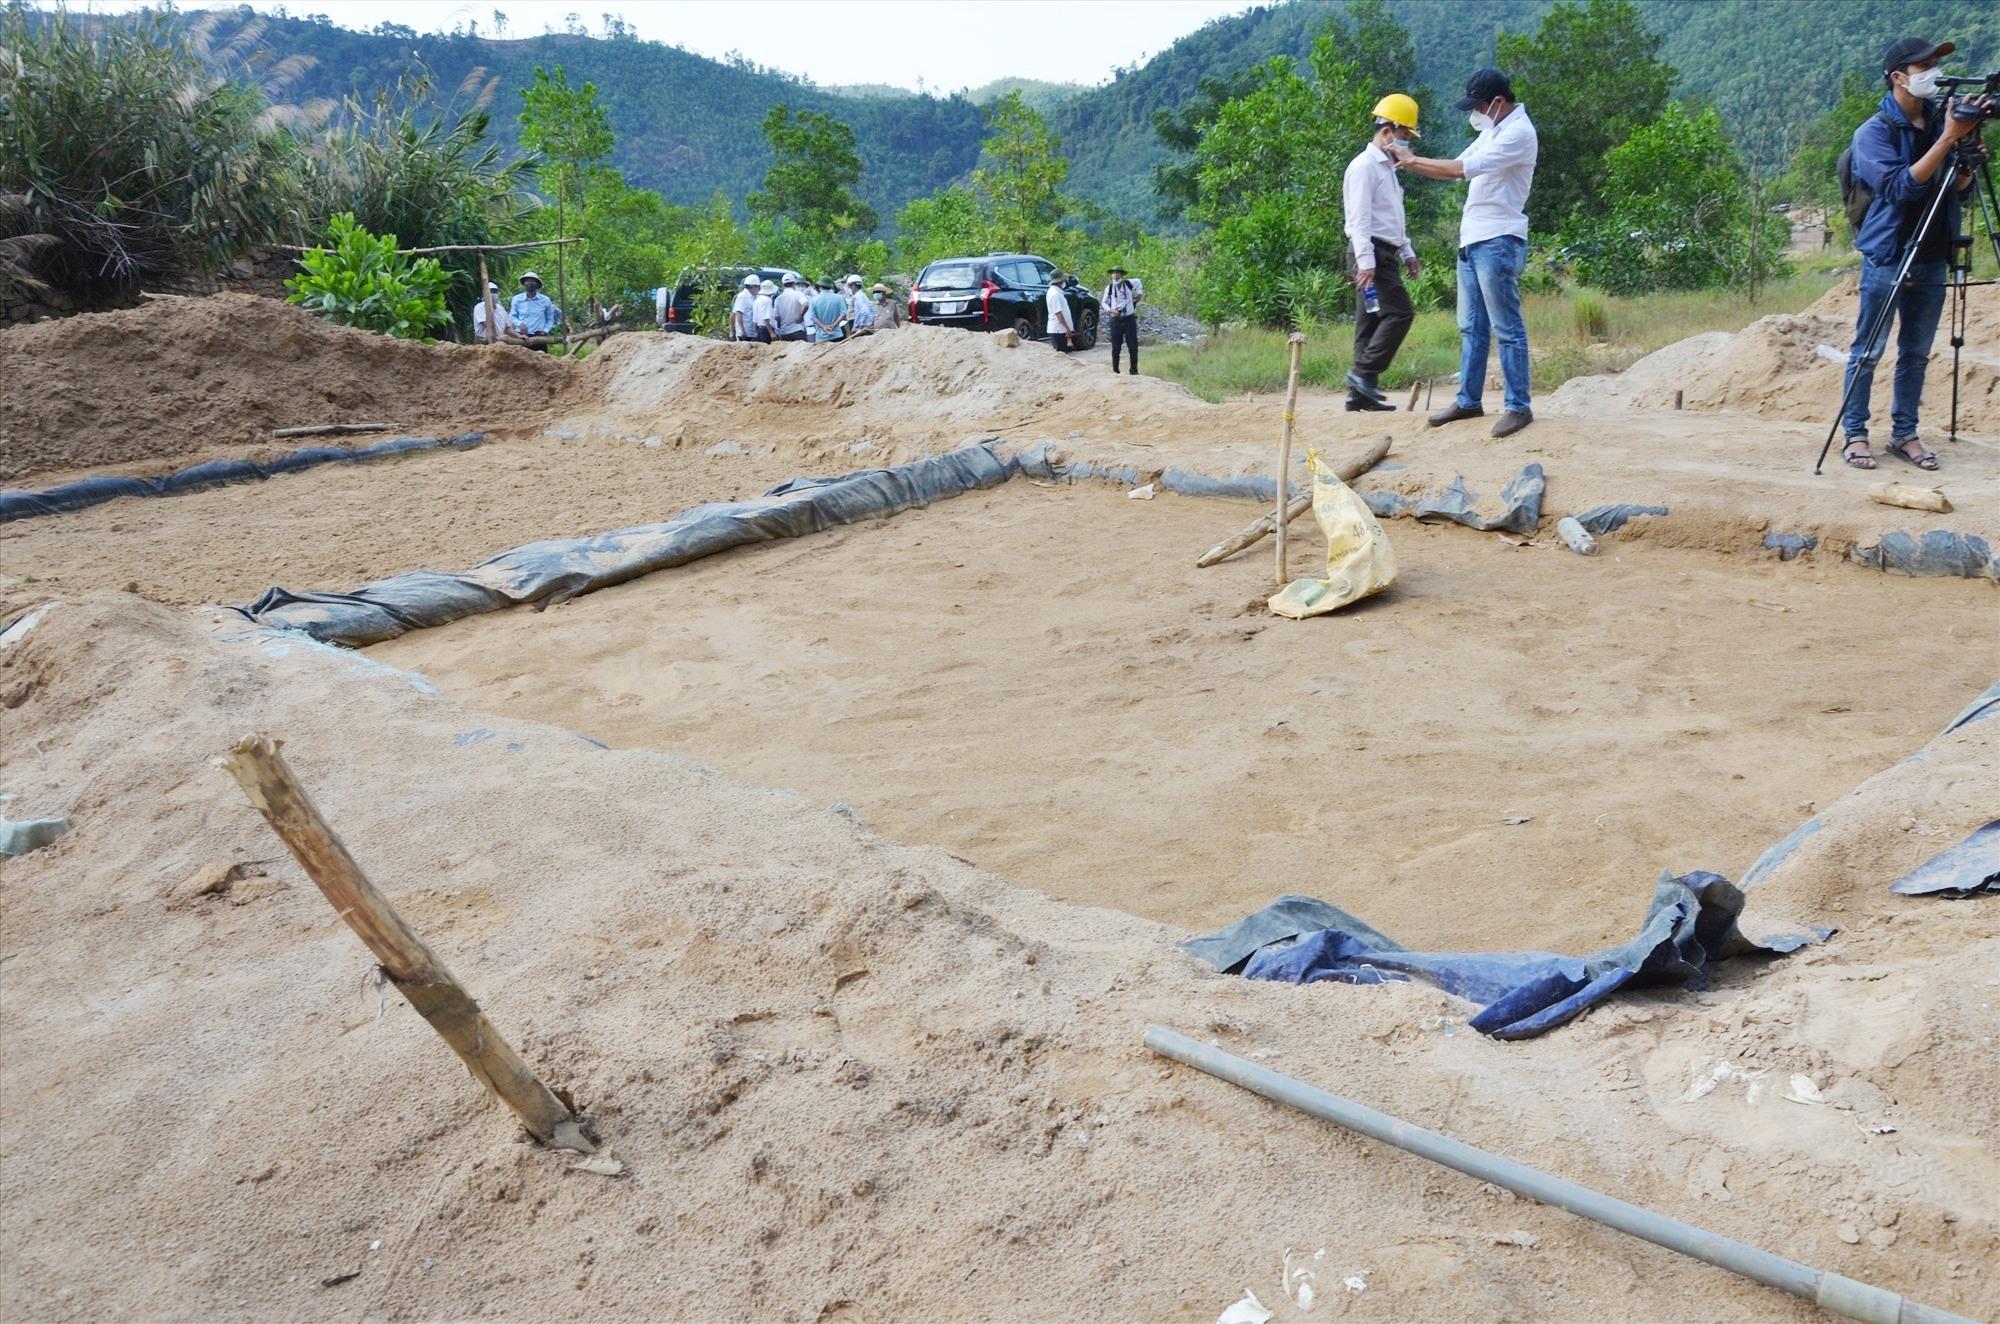 Tự phát xây hồ xử lý ngâm chiết quặng vàng. Ảnh: H.P